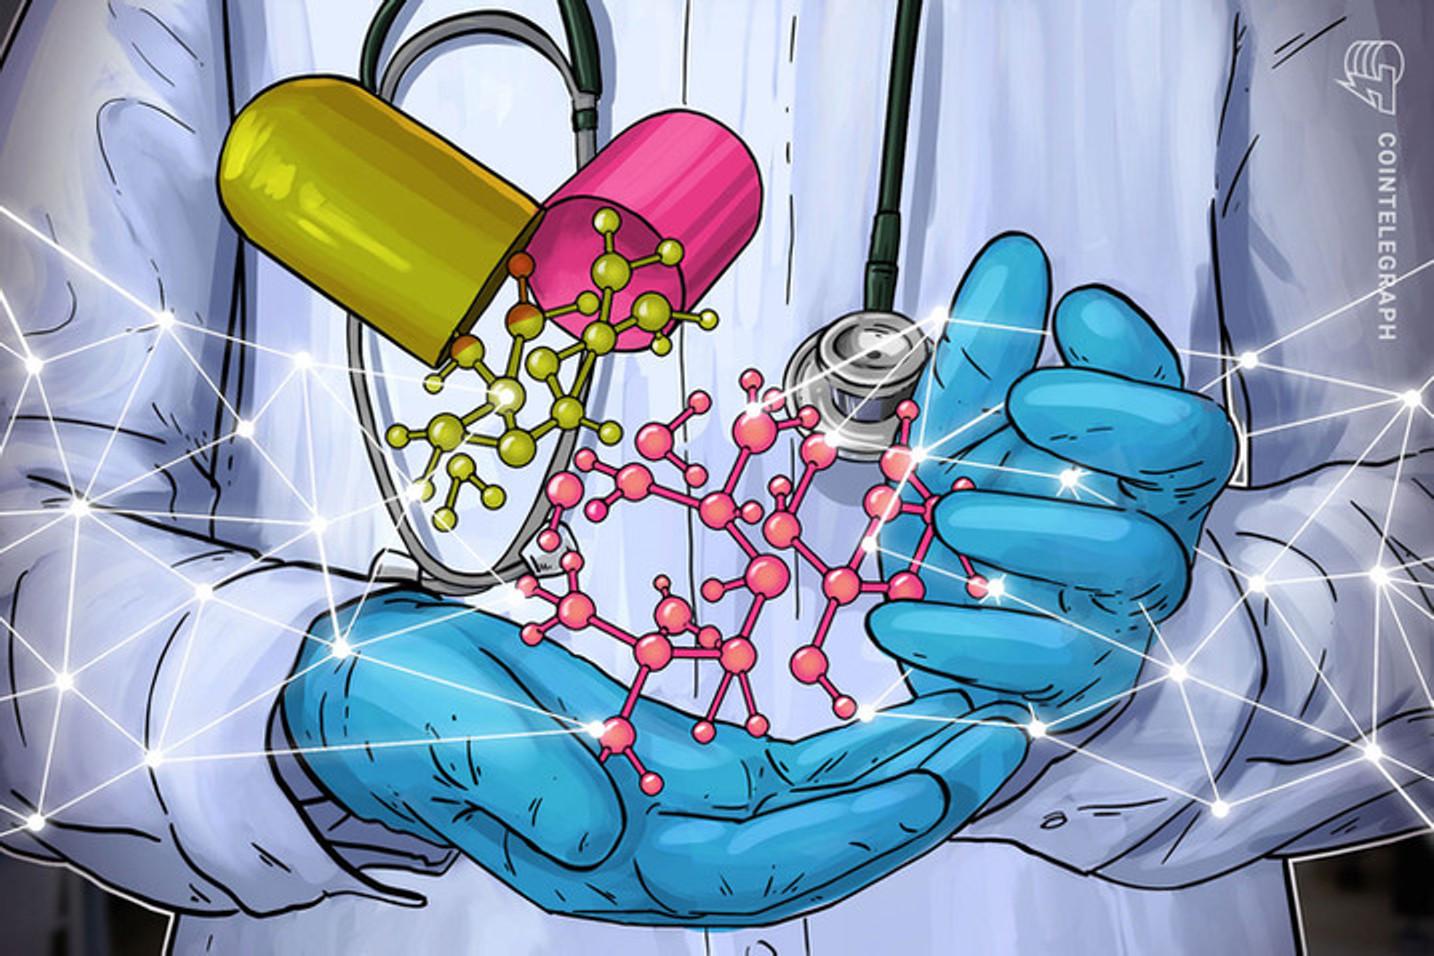 CAPES financia projeto de telemedicina que usa tecnologia blockchain no combate ao novo coronavírus